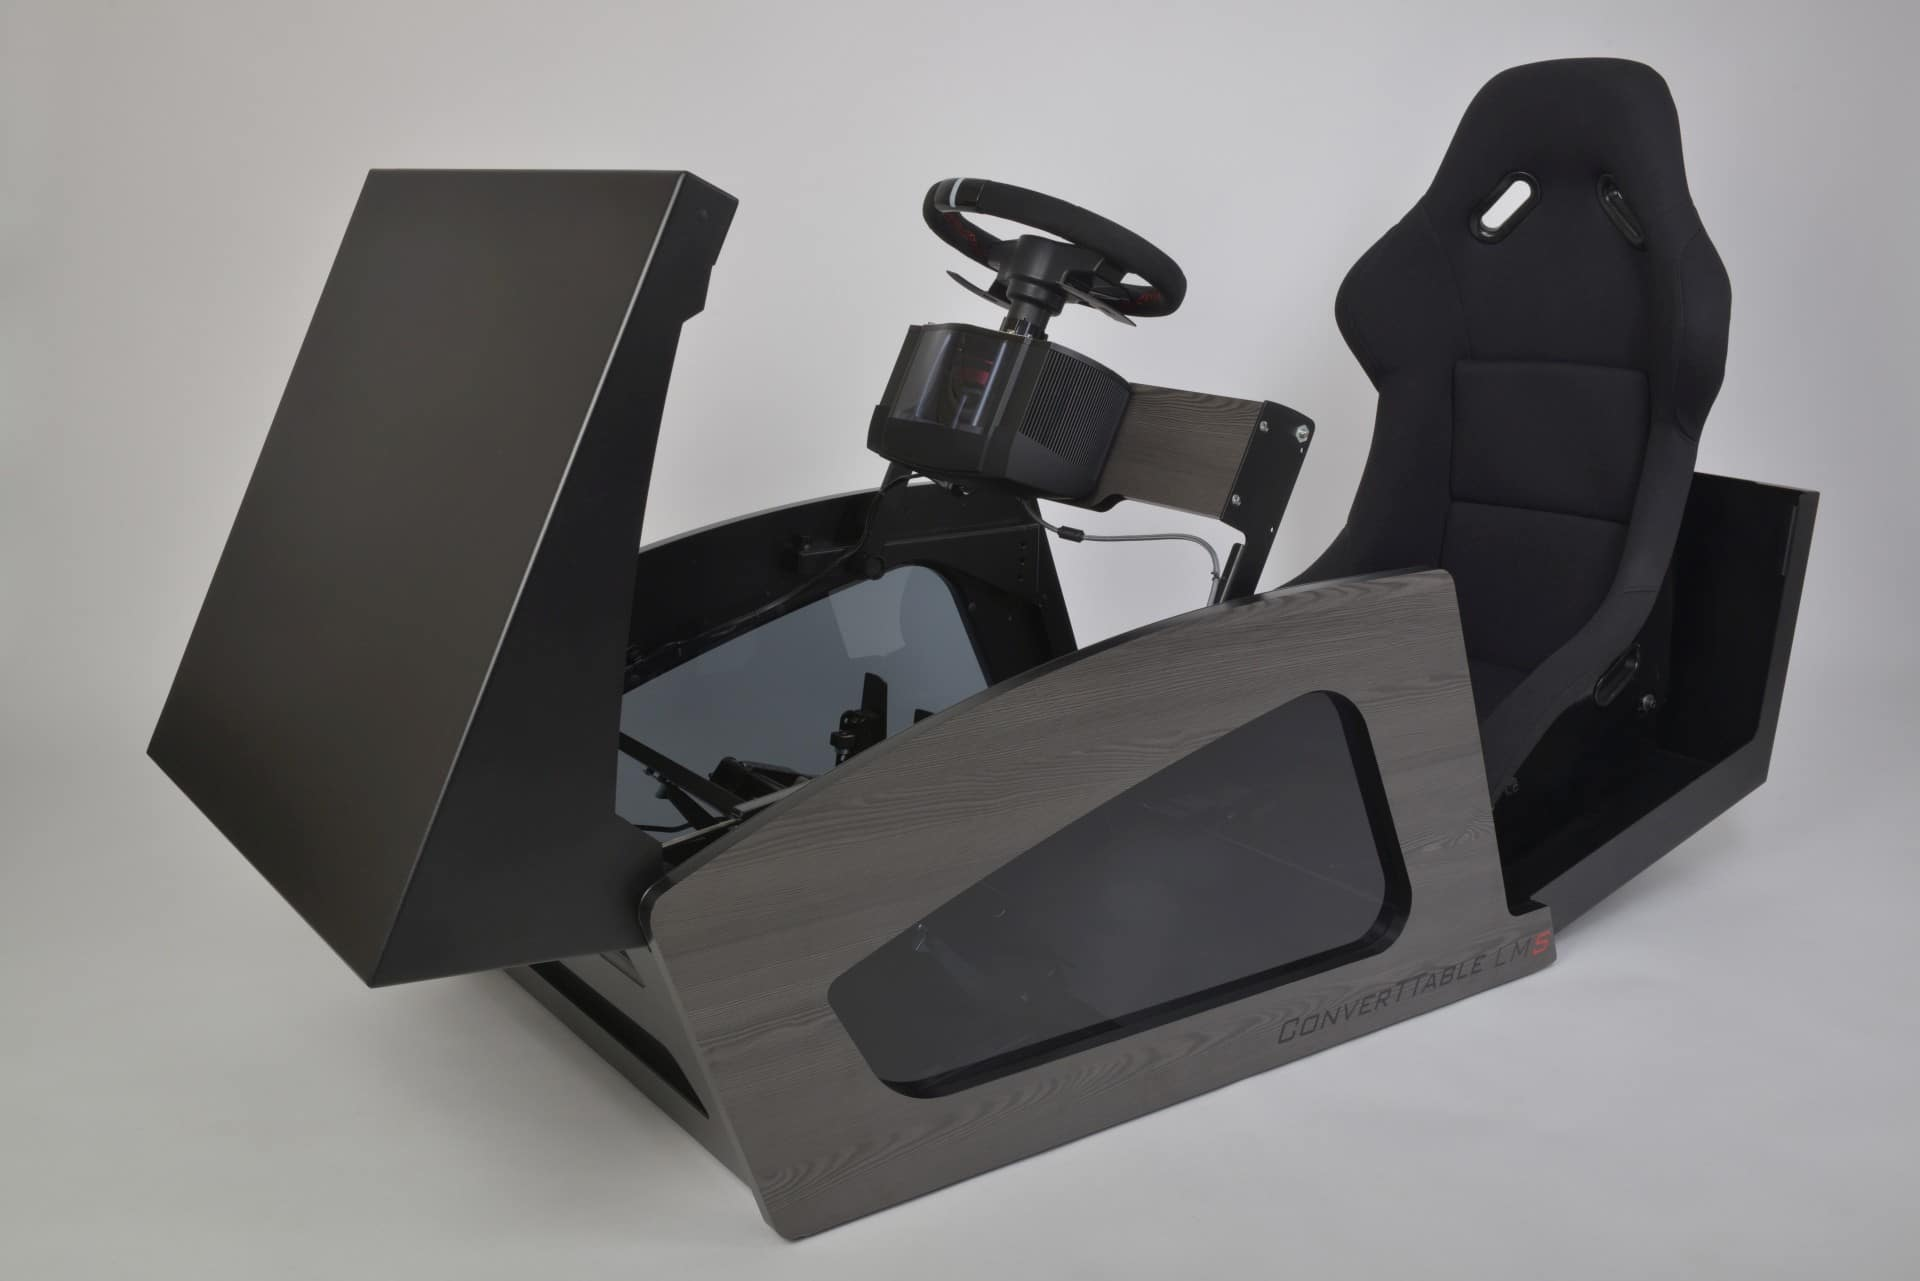 ConverTTable LM S: Aus diesem Couchtisch wird ein Cockpit